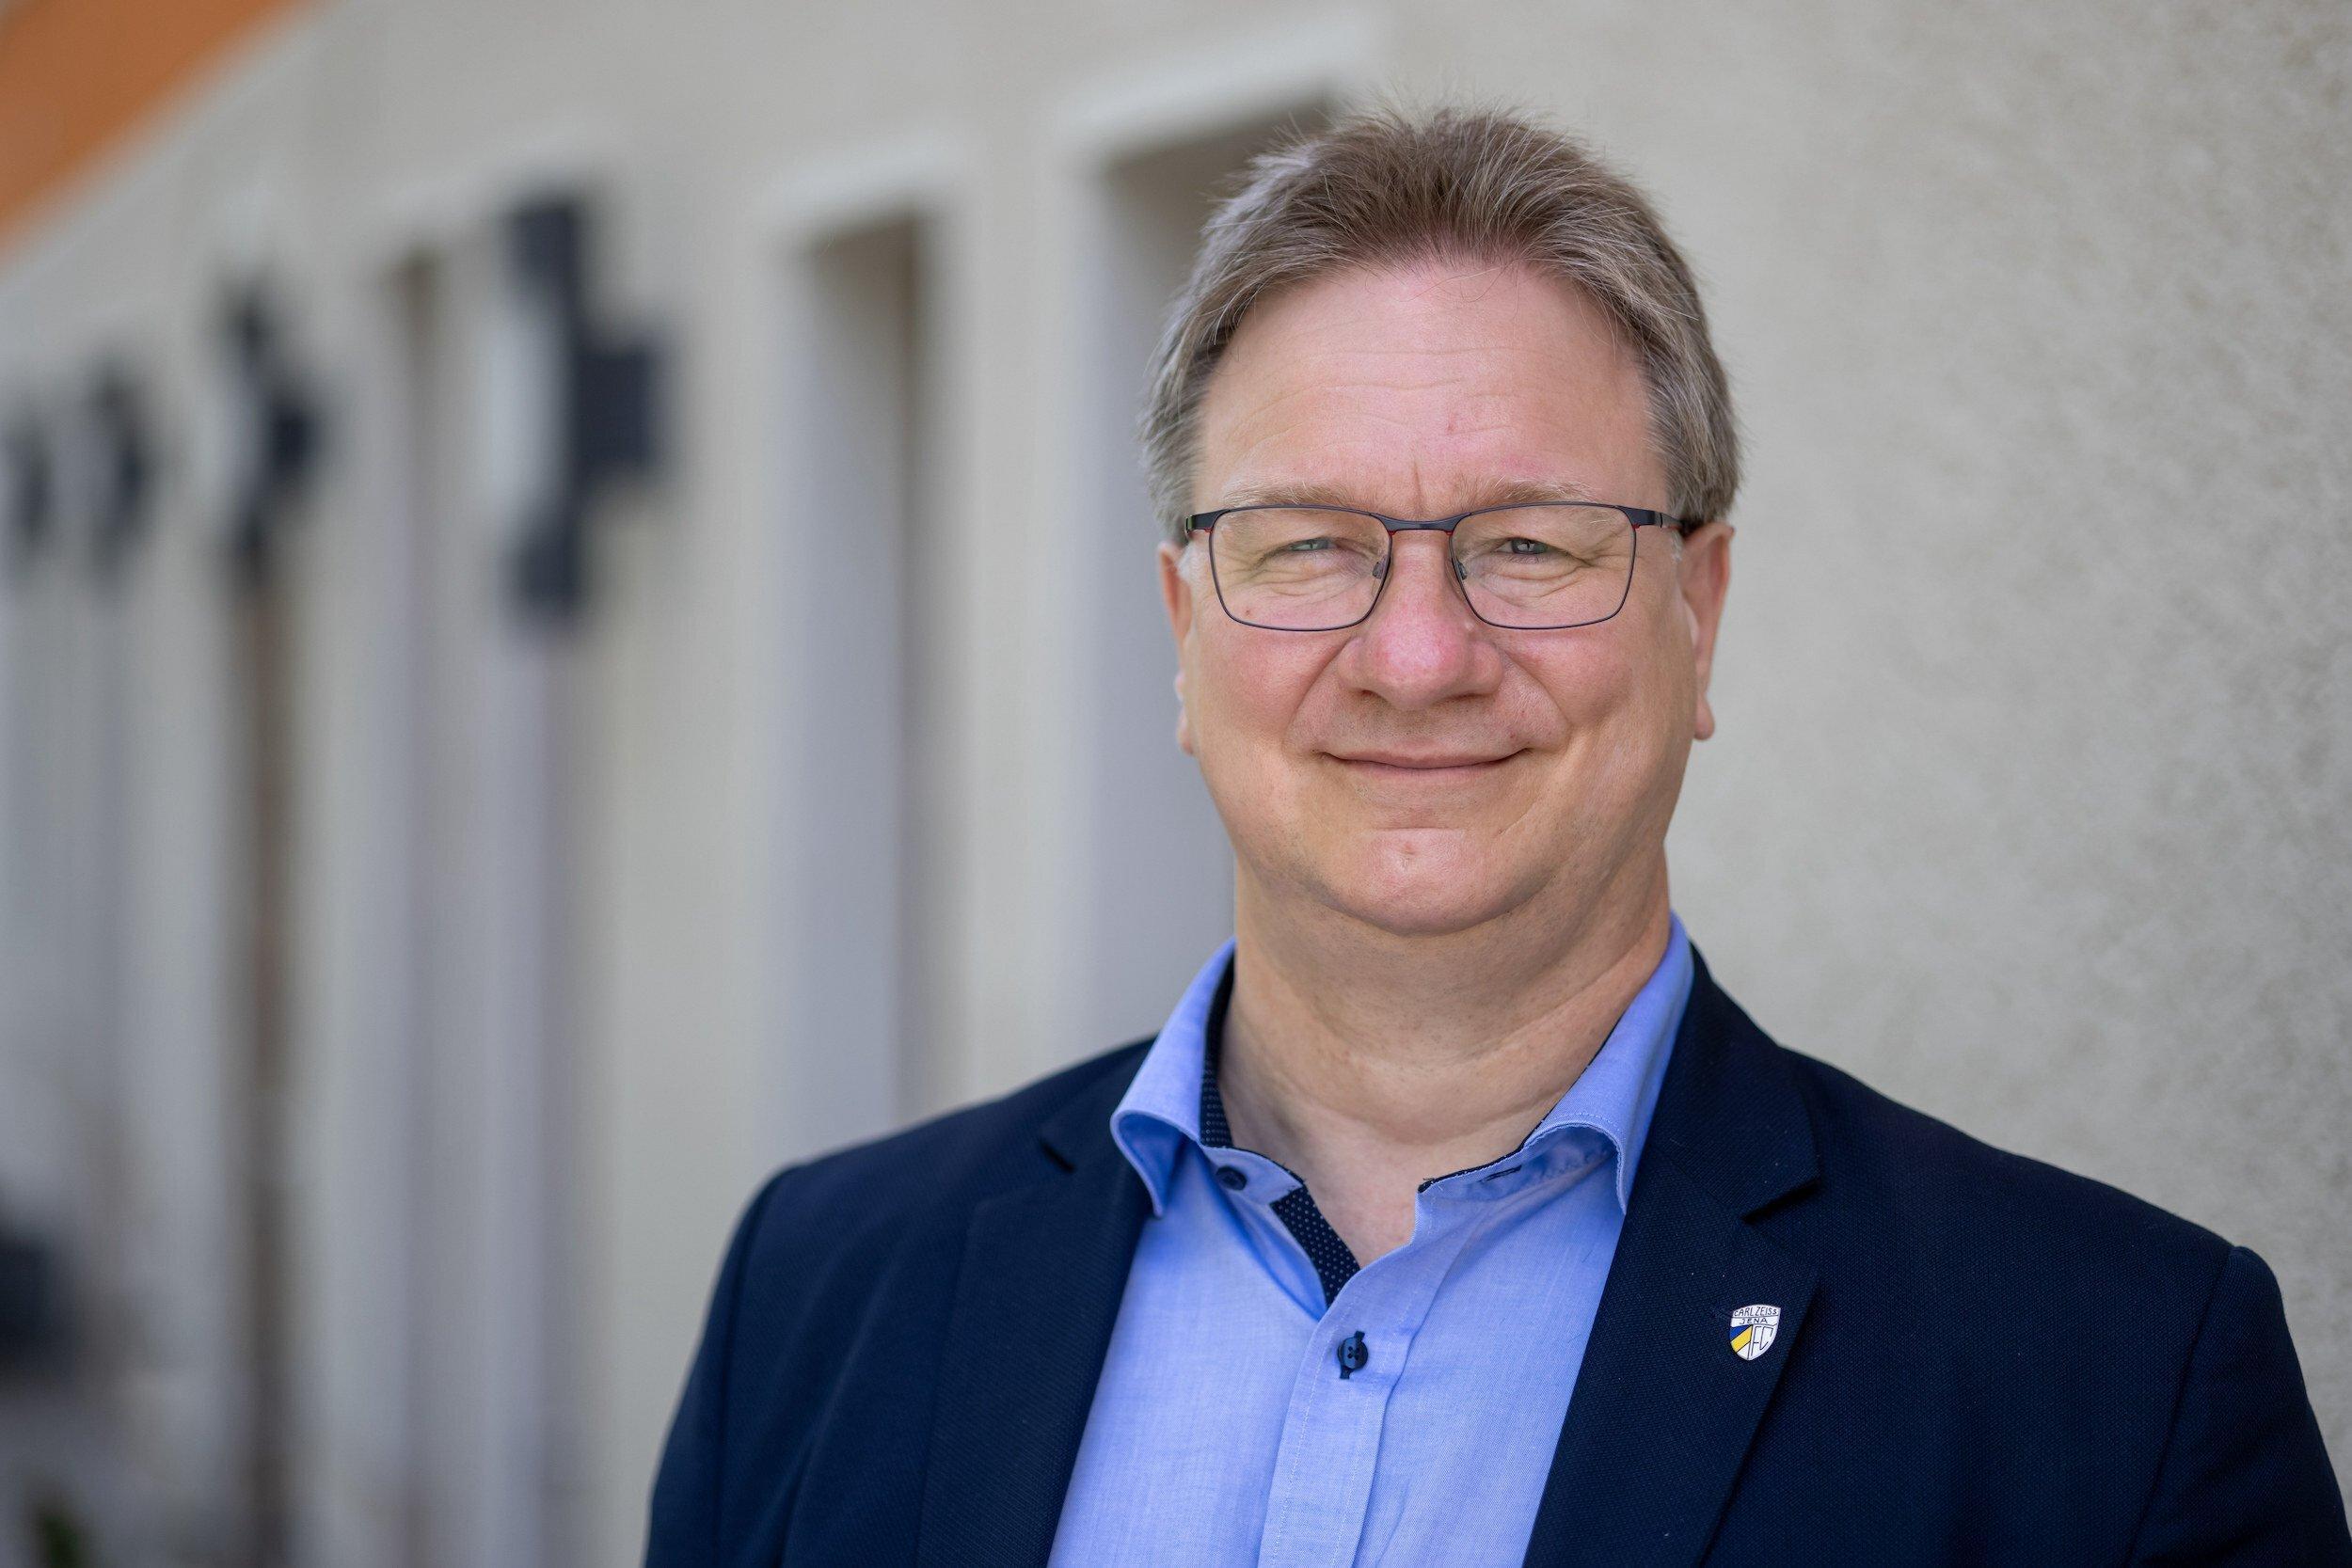 Ralph Lenkert (Die Linke), Bundestagsabgeordneter, aufgenommen am Rande der Landesvertreterversammlung der Thüringer Linken mit der Wahl der Bundestags-Kandidatenliste. Lenkert bewirbt sich für den zweiten Platz der Bundestags-Kandidatenliste.